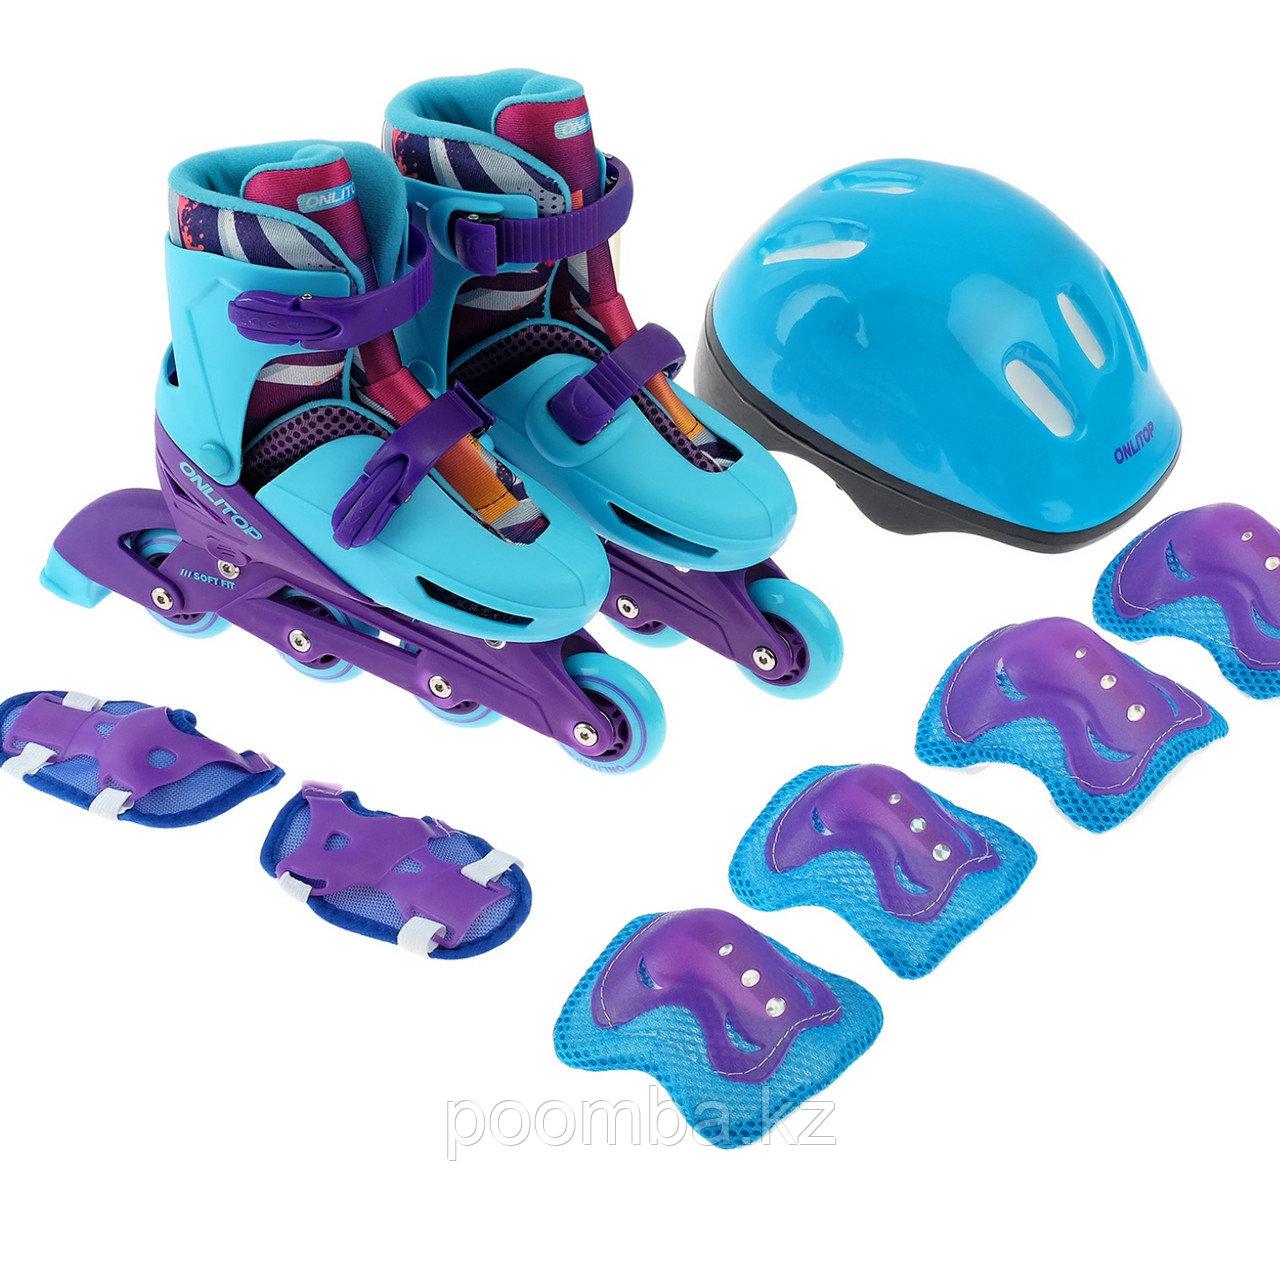 Детские роликовые коньки с комплектом защиты фиолетово-голубые 30-33